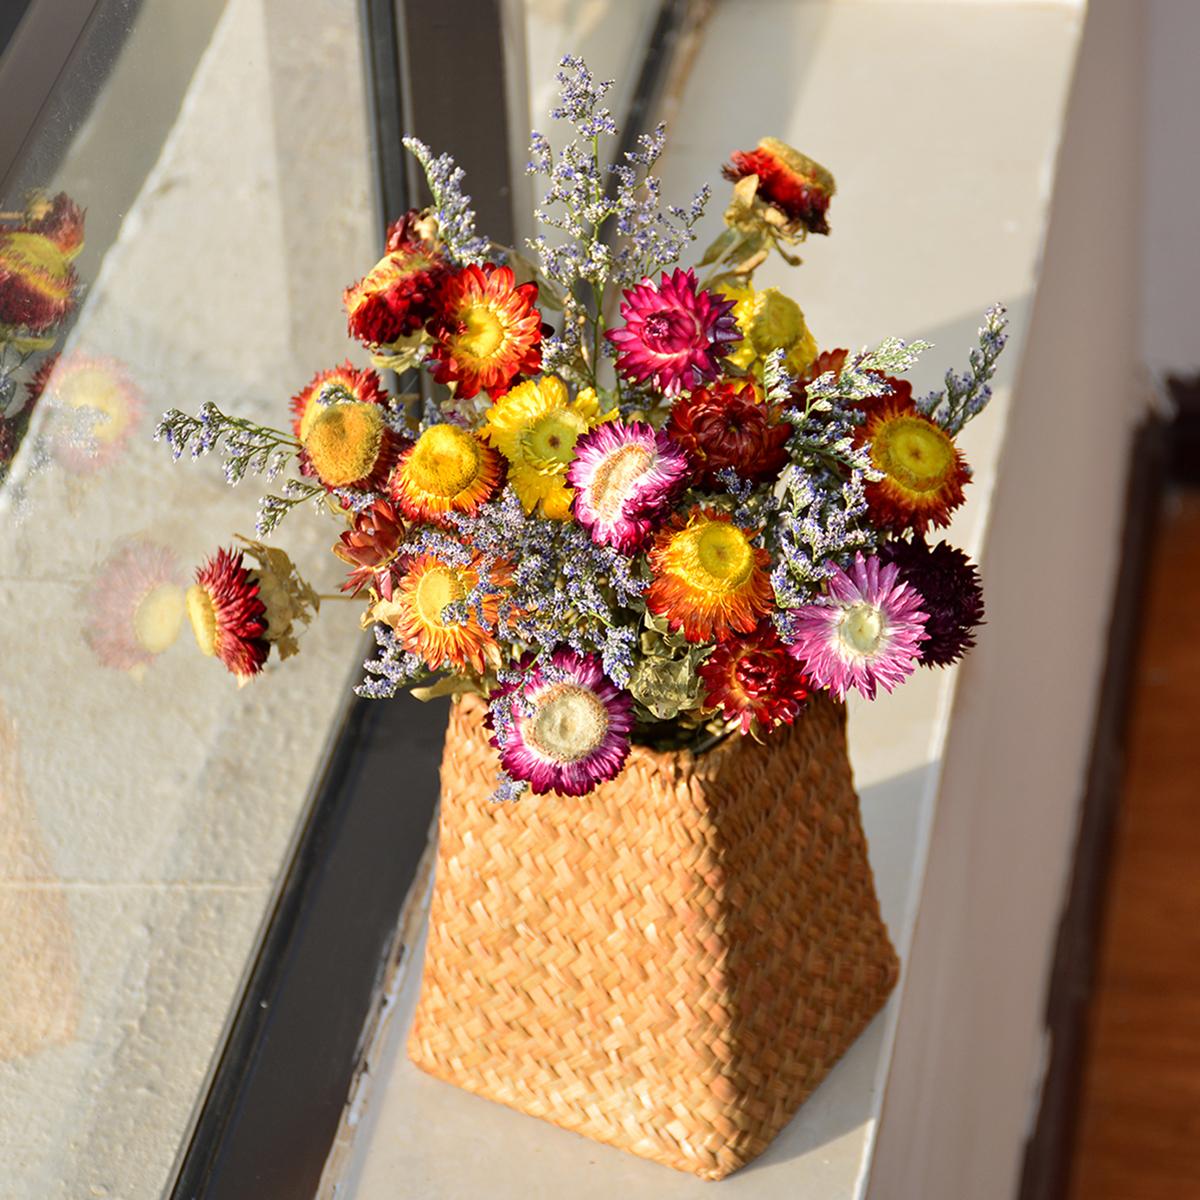 包邮大把天然干花真花草编花篮时尚陶瓷花瓶花艺套装客厅餐厅卧室